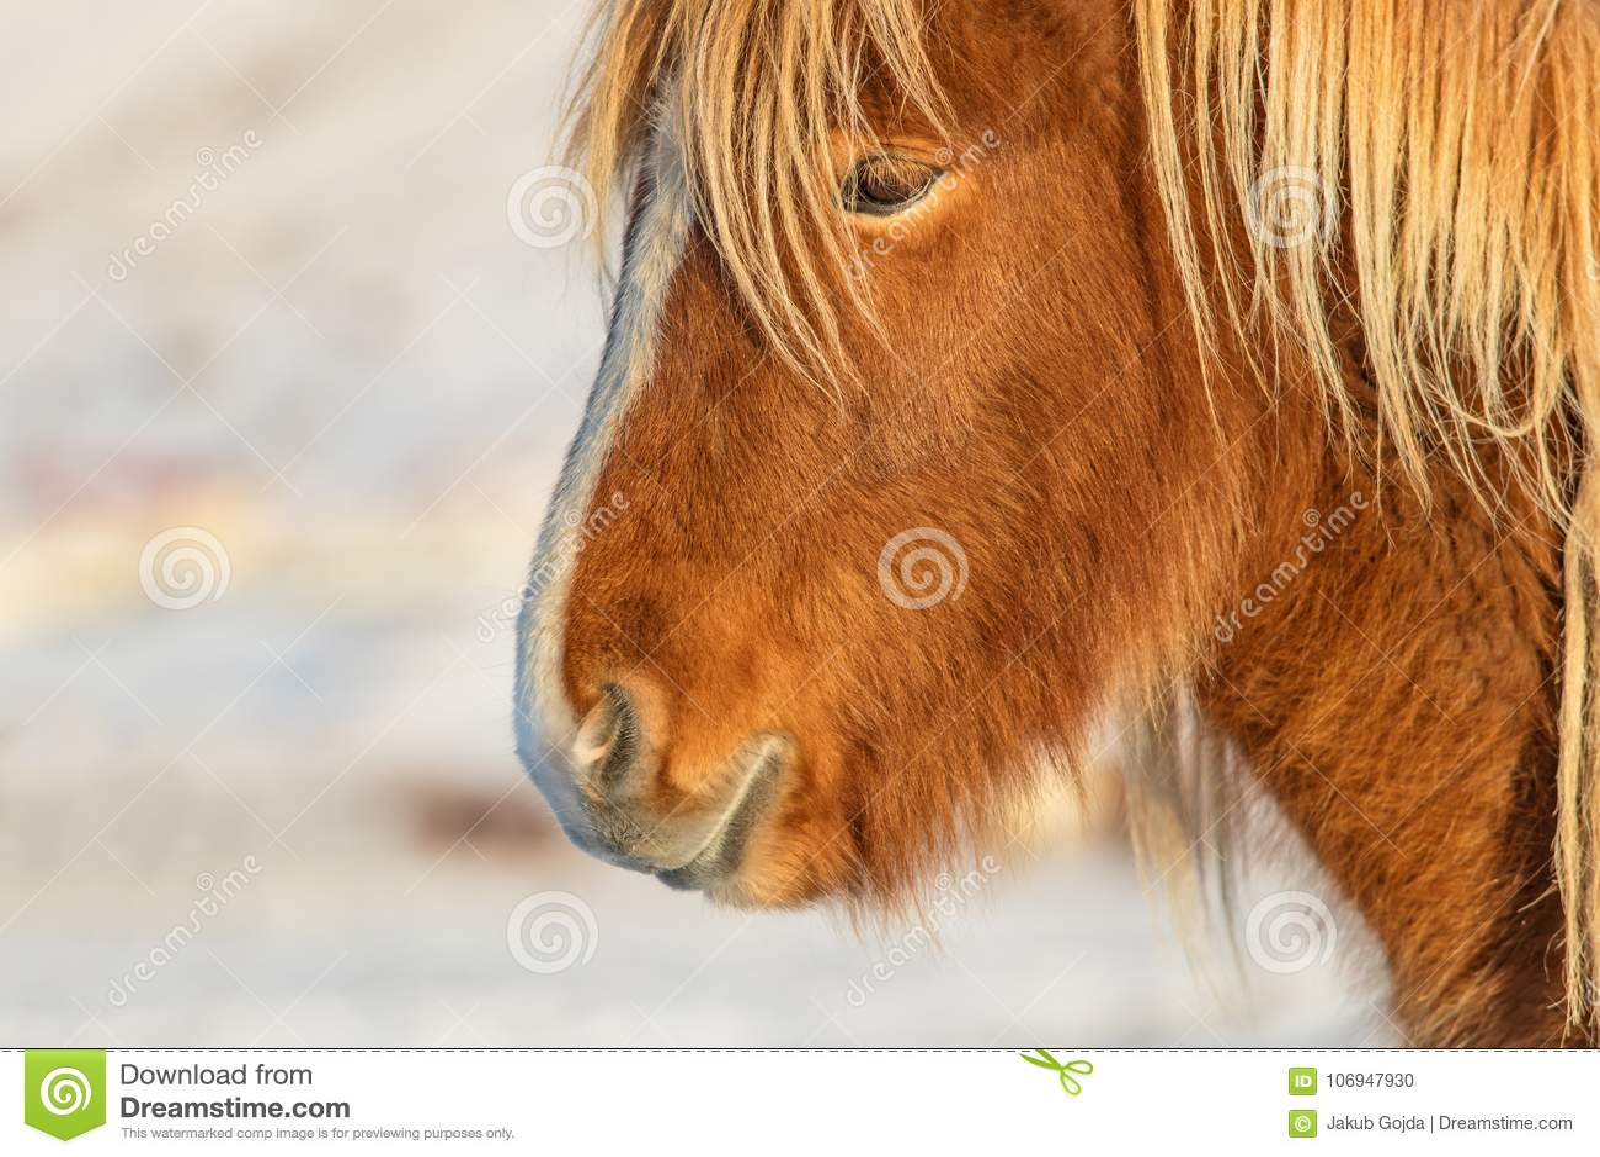 Isländischer Pferdeportrait in der Winterlandschaft